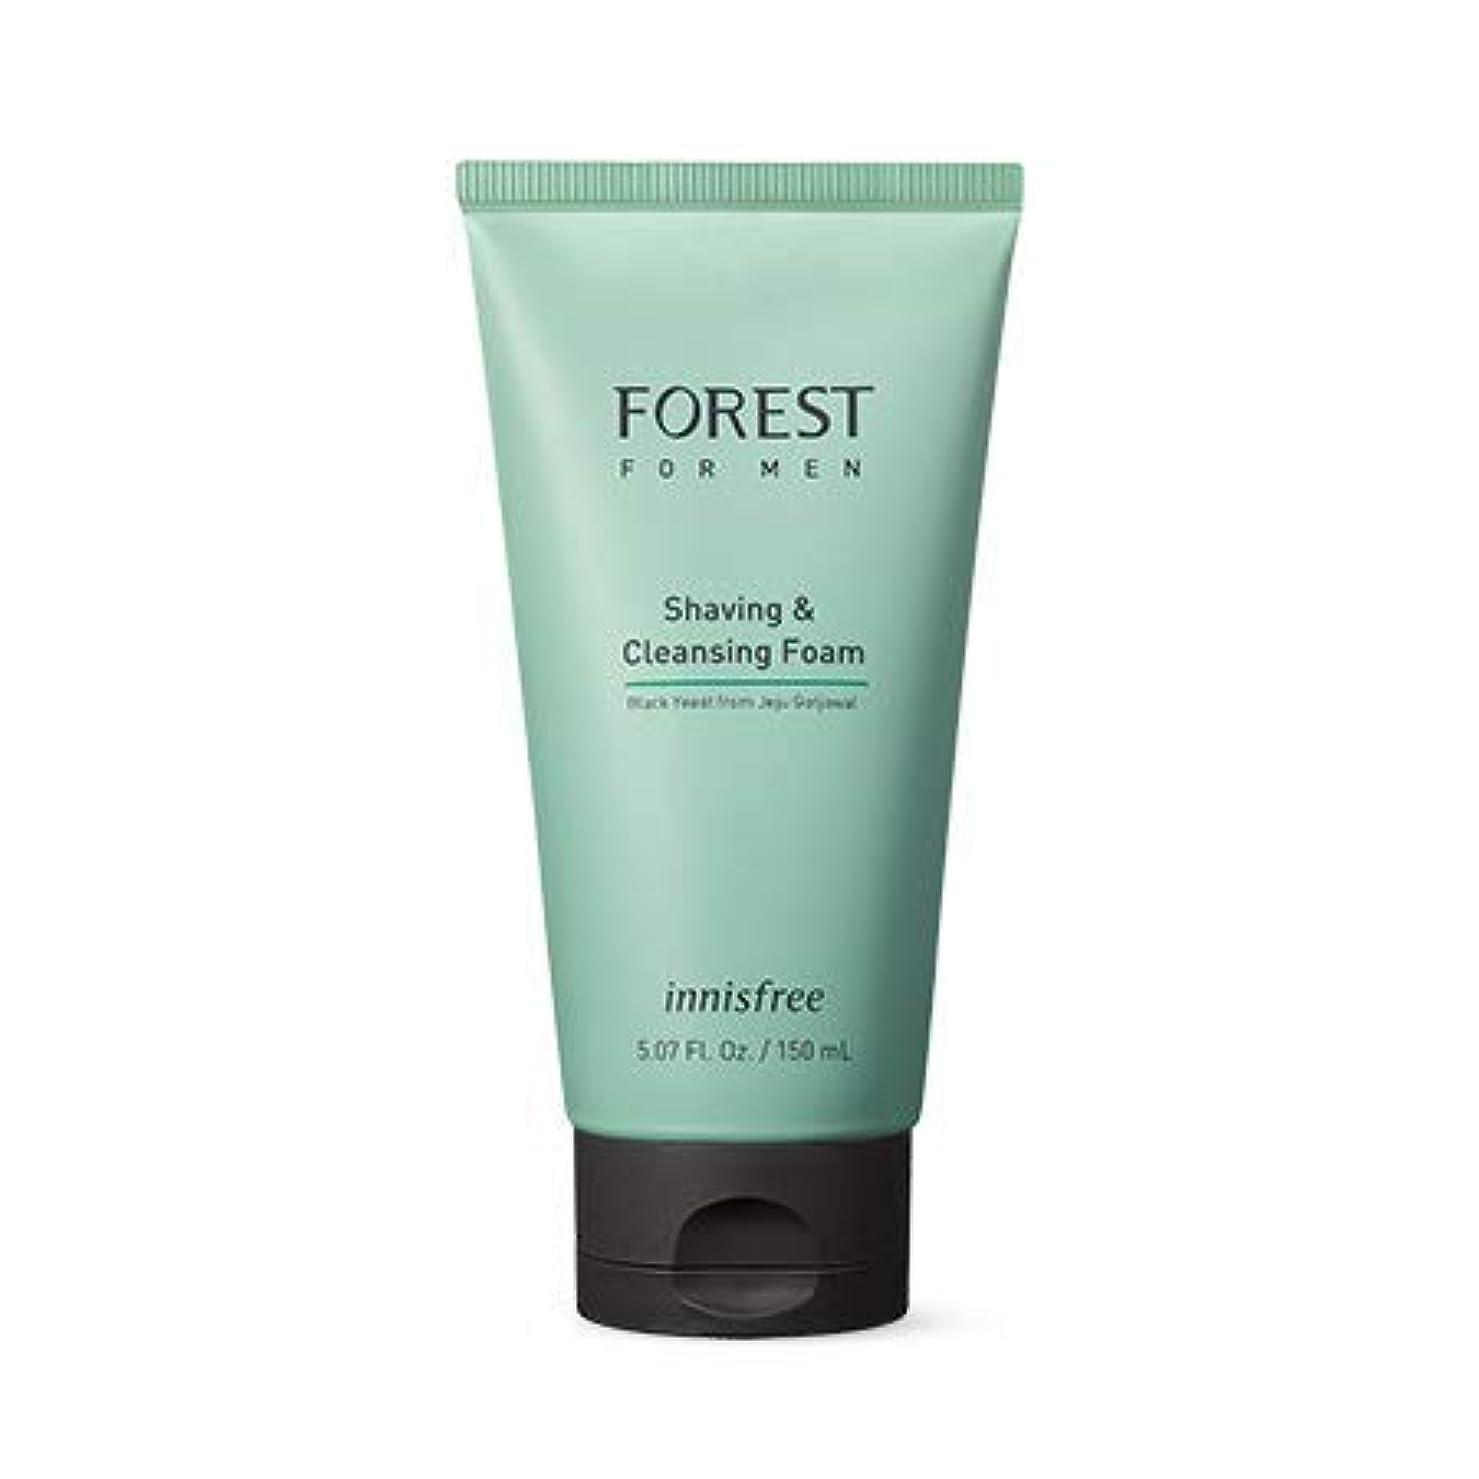 敵植物の[イニスフリー.innisfree]フォレストフォアマンシェービング&クレンジングフォーム150mL(2019.05新製品)/ Forest for Men Shaving&Cleansing Foam